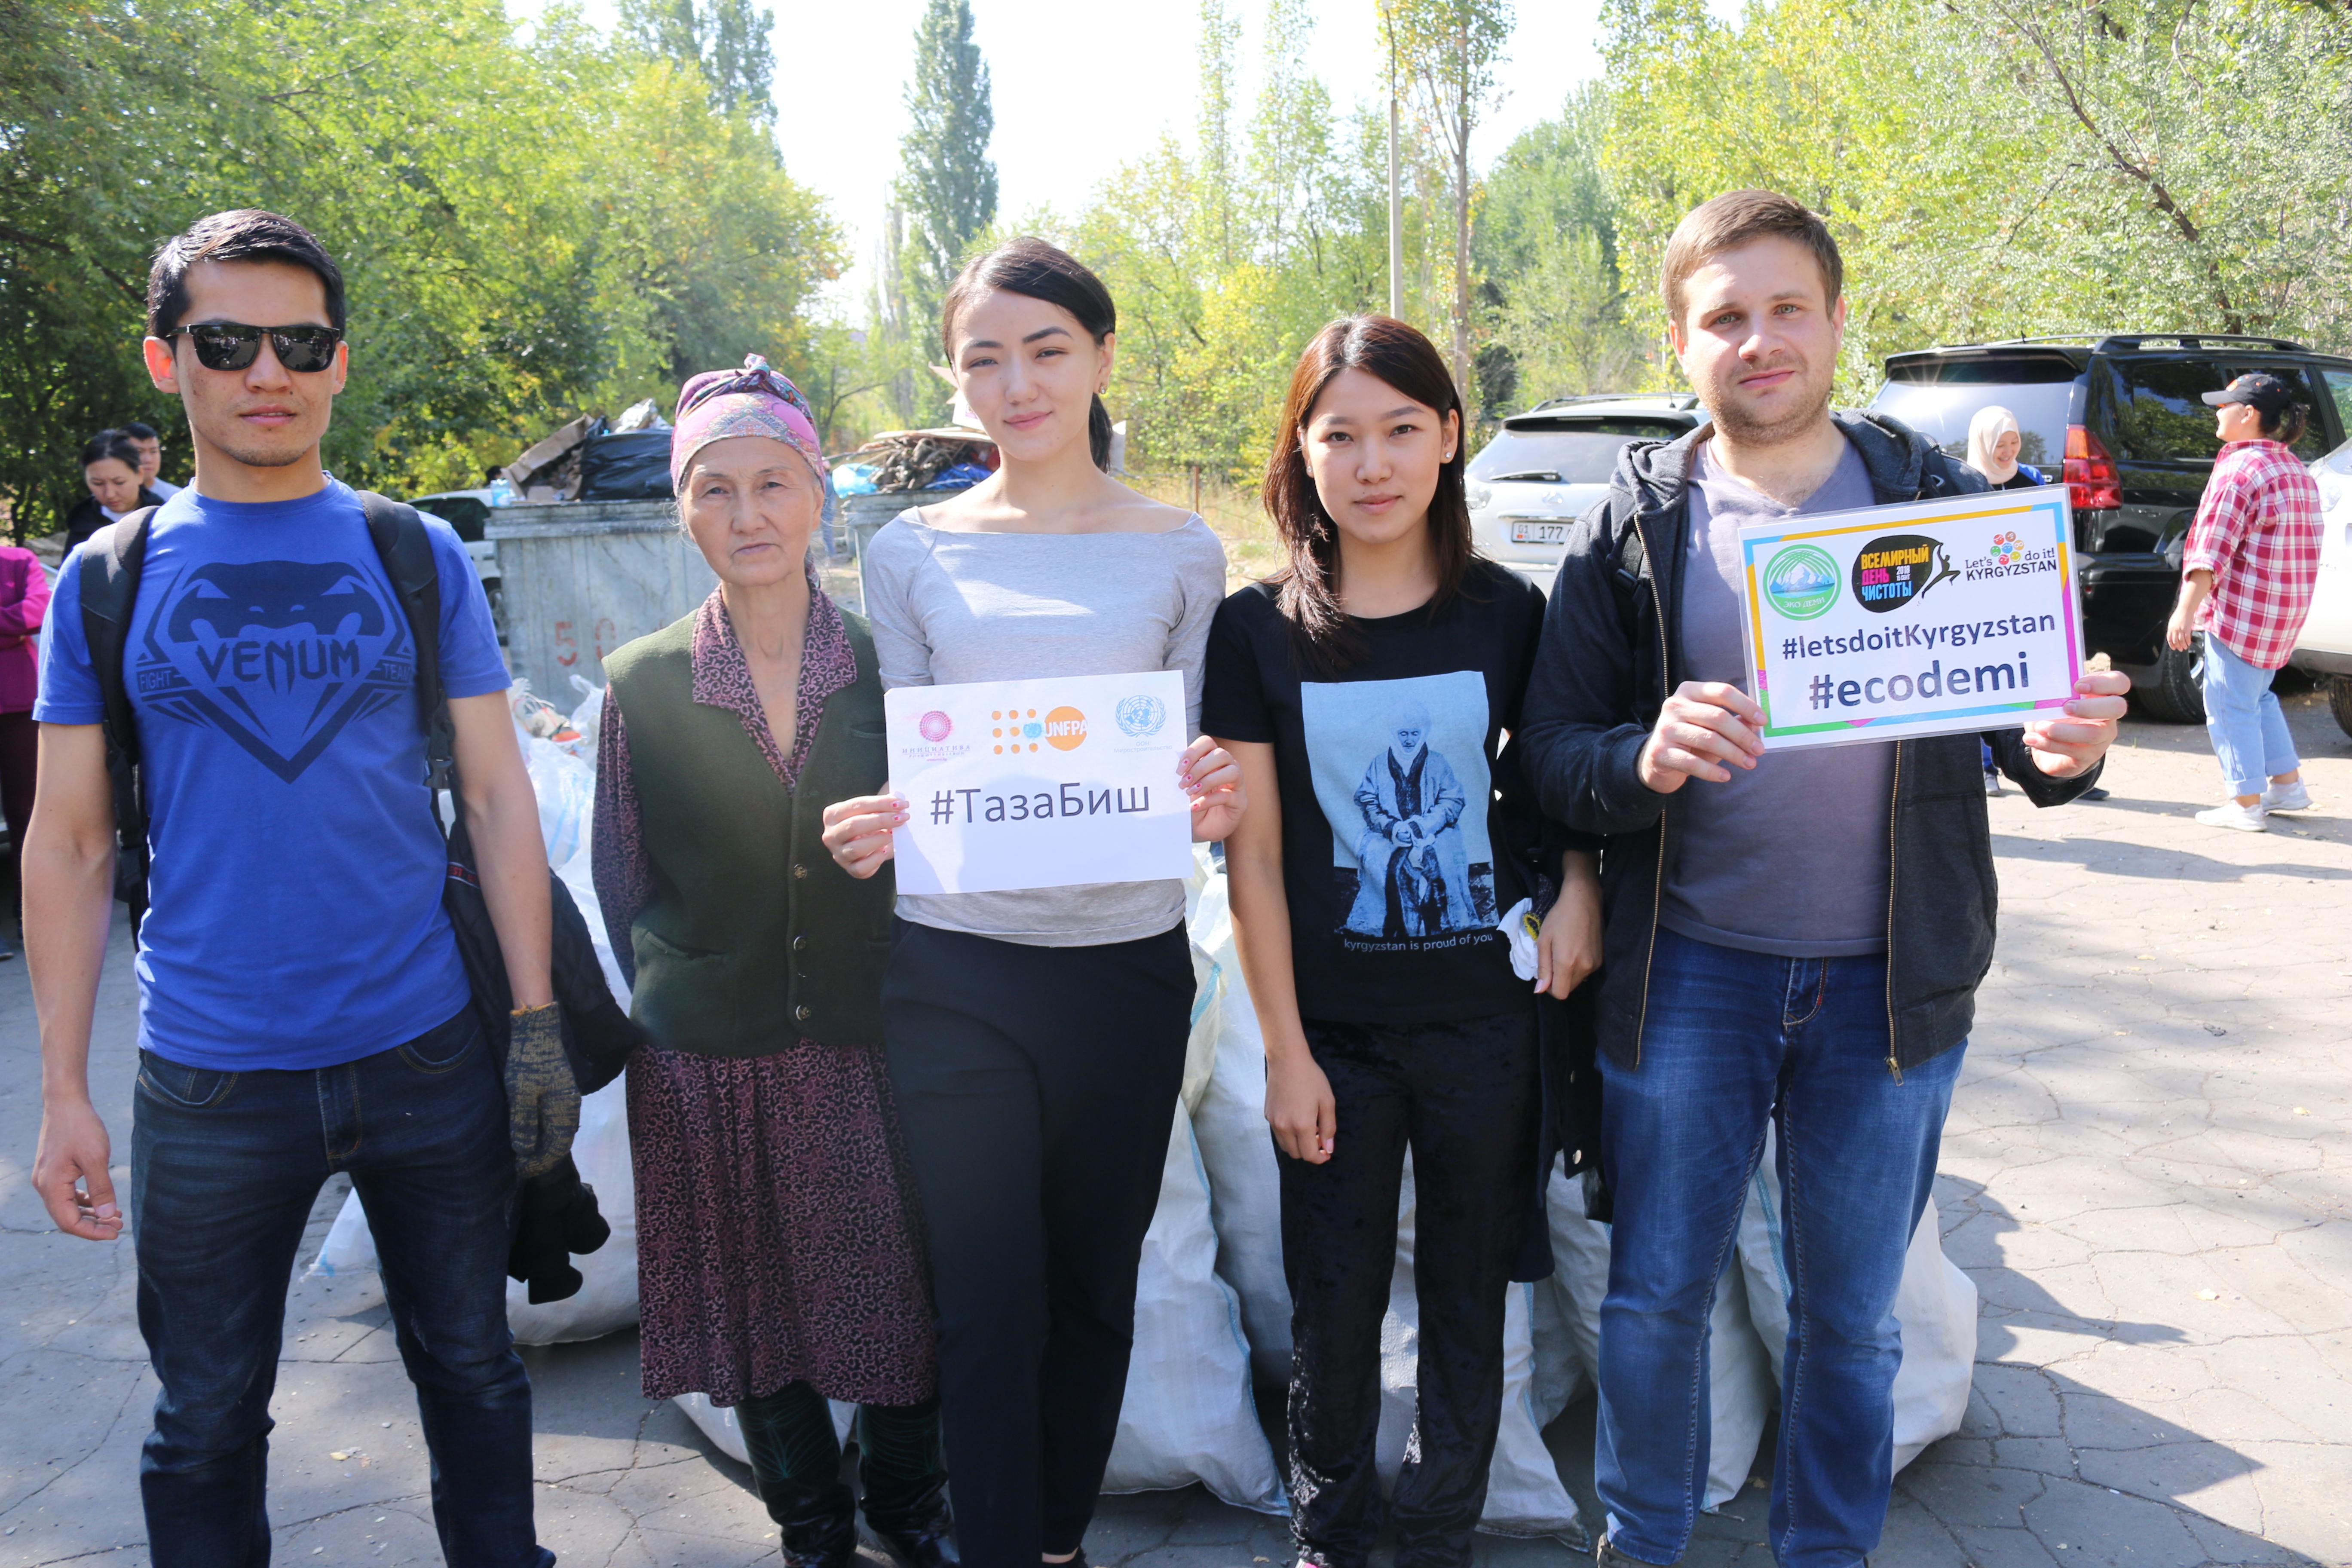 Кыргыз Республикасынын Юстиция министрлиги бүткүл дүйнөлүк тазалык күнүнө карата ишембилик өткөрдү